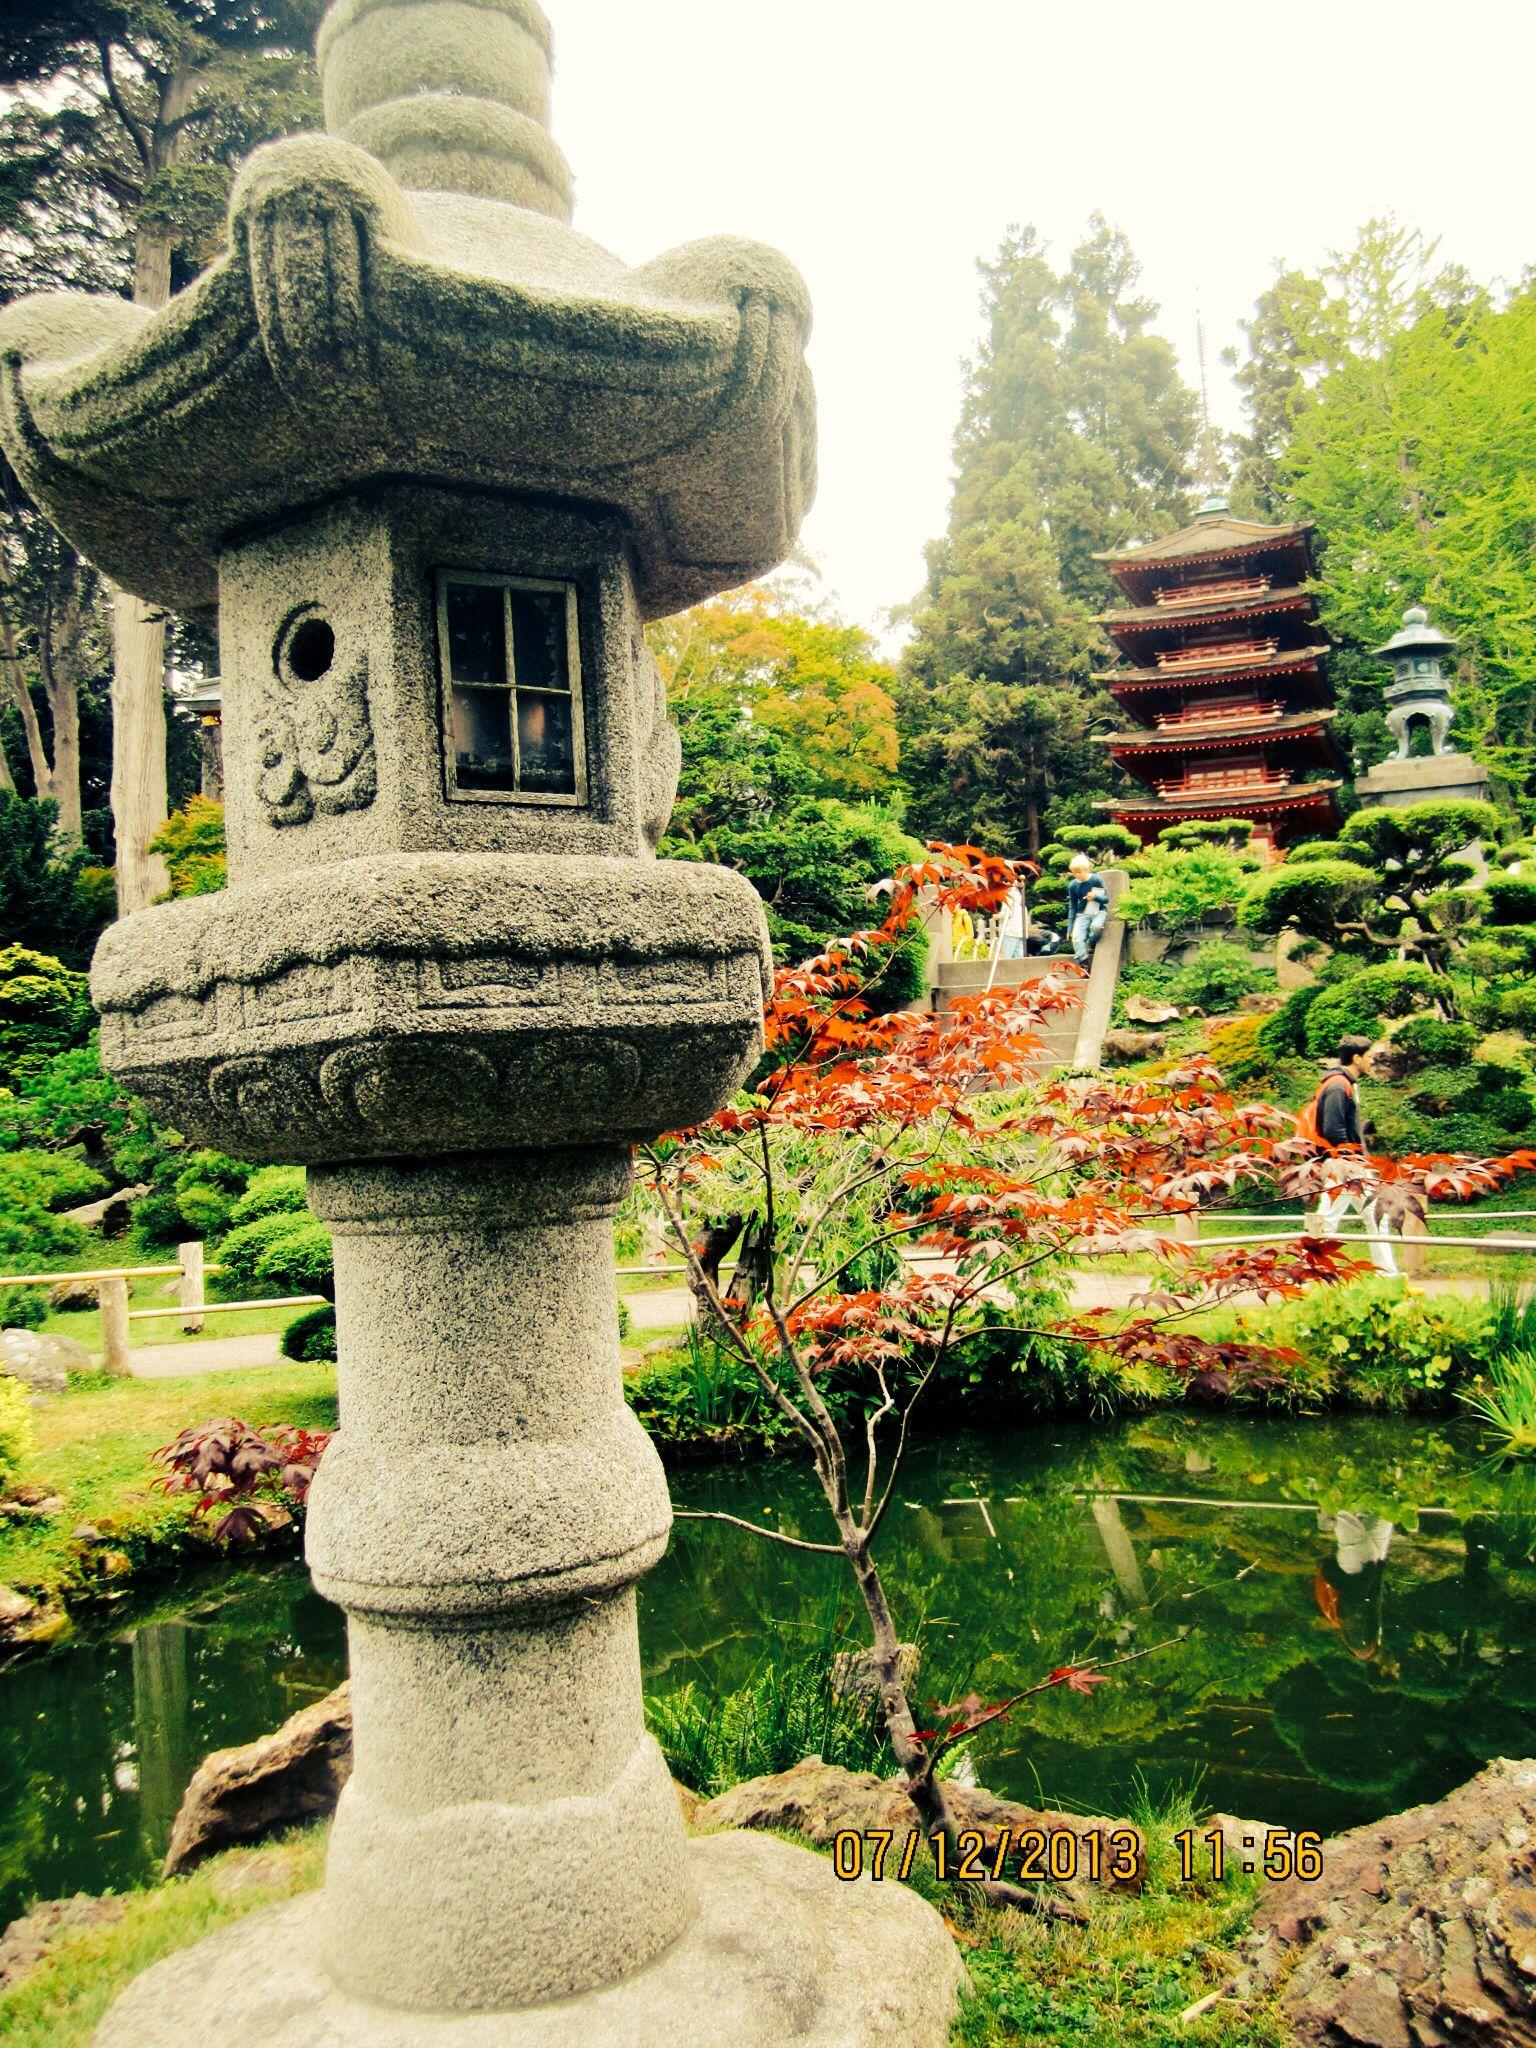 Japanese Tea Garden, San Francisco Japanese garden, Tea